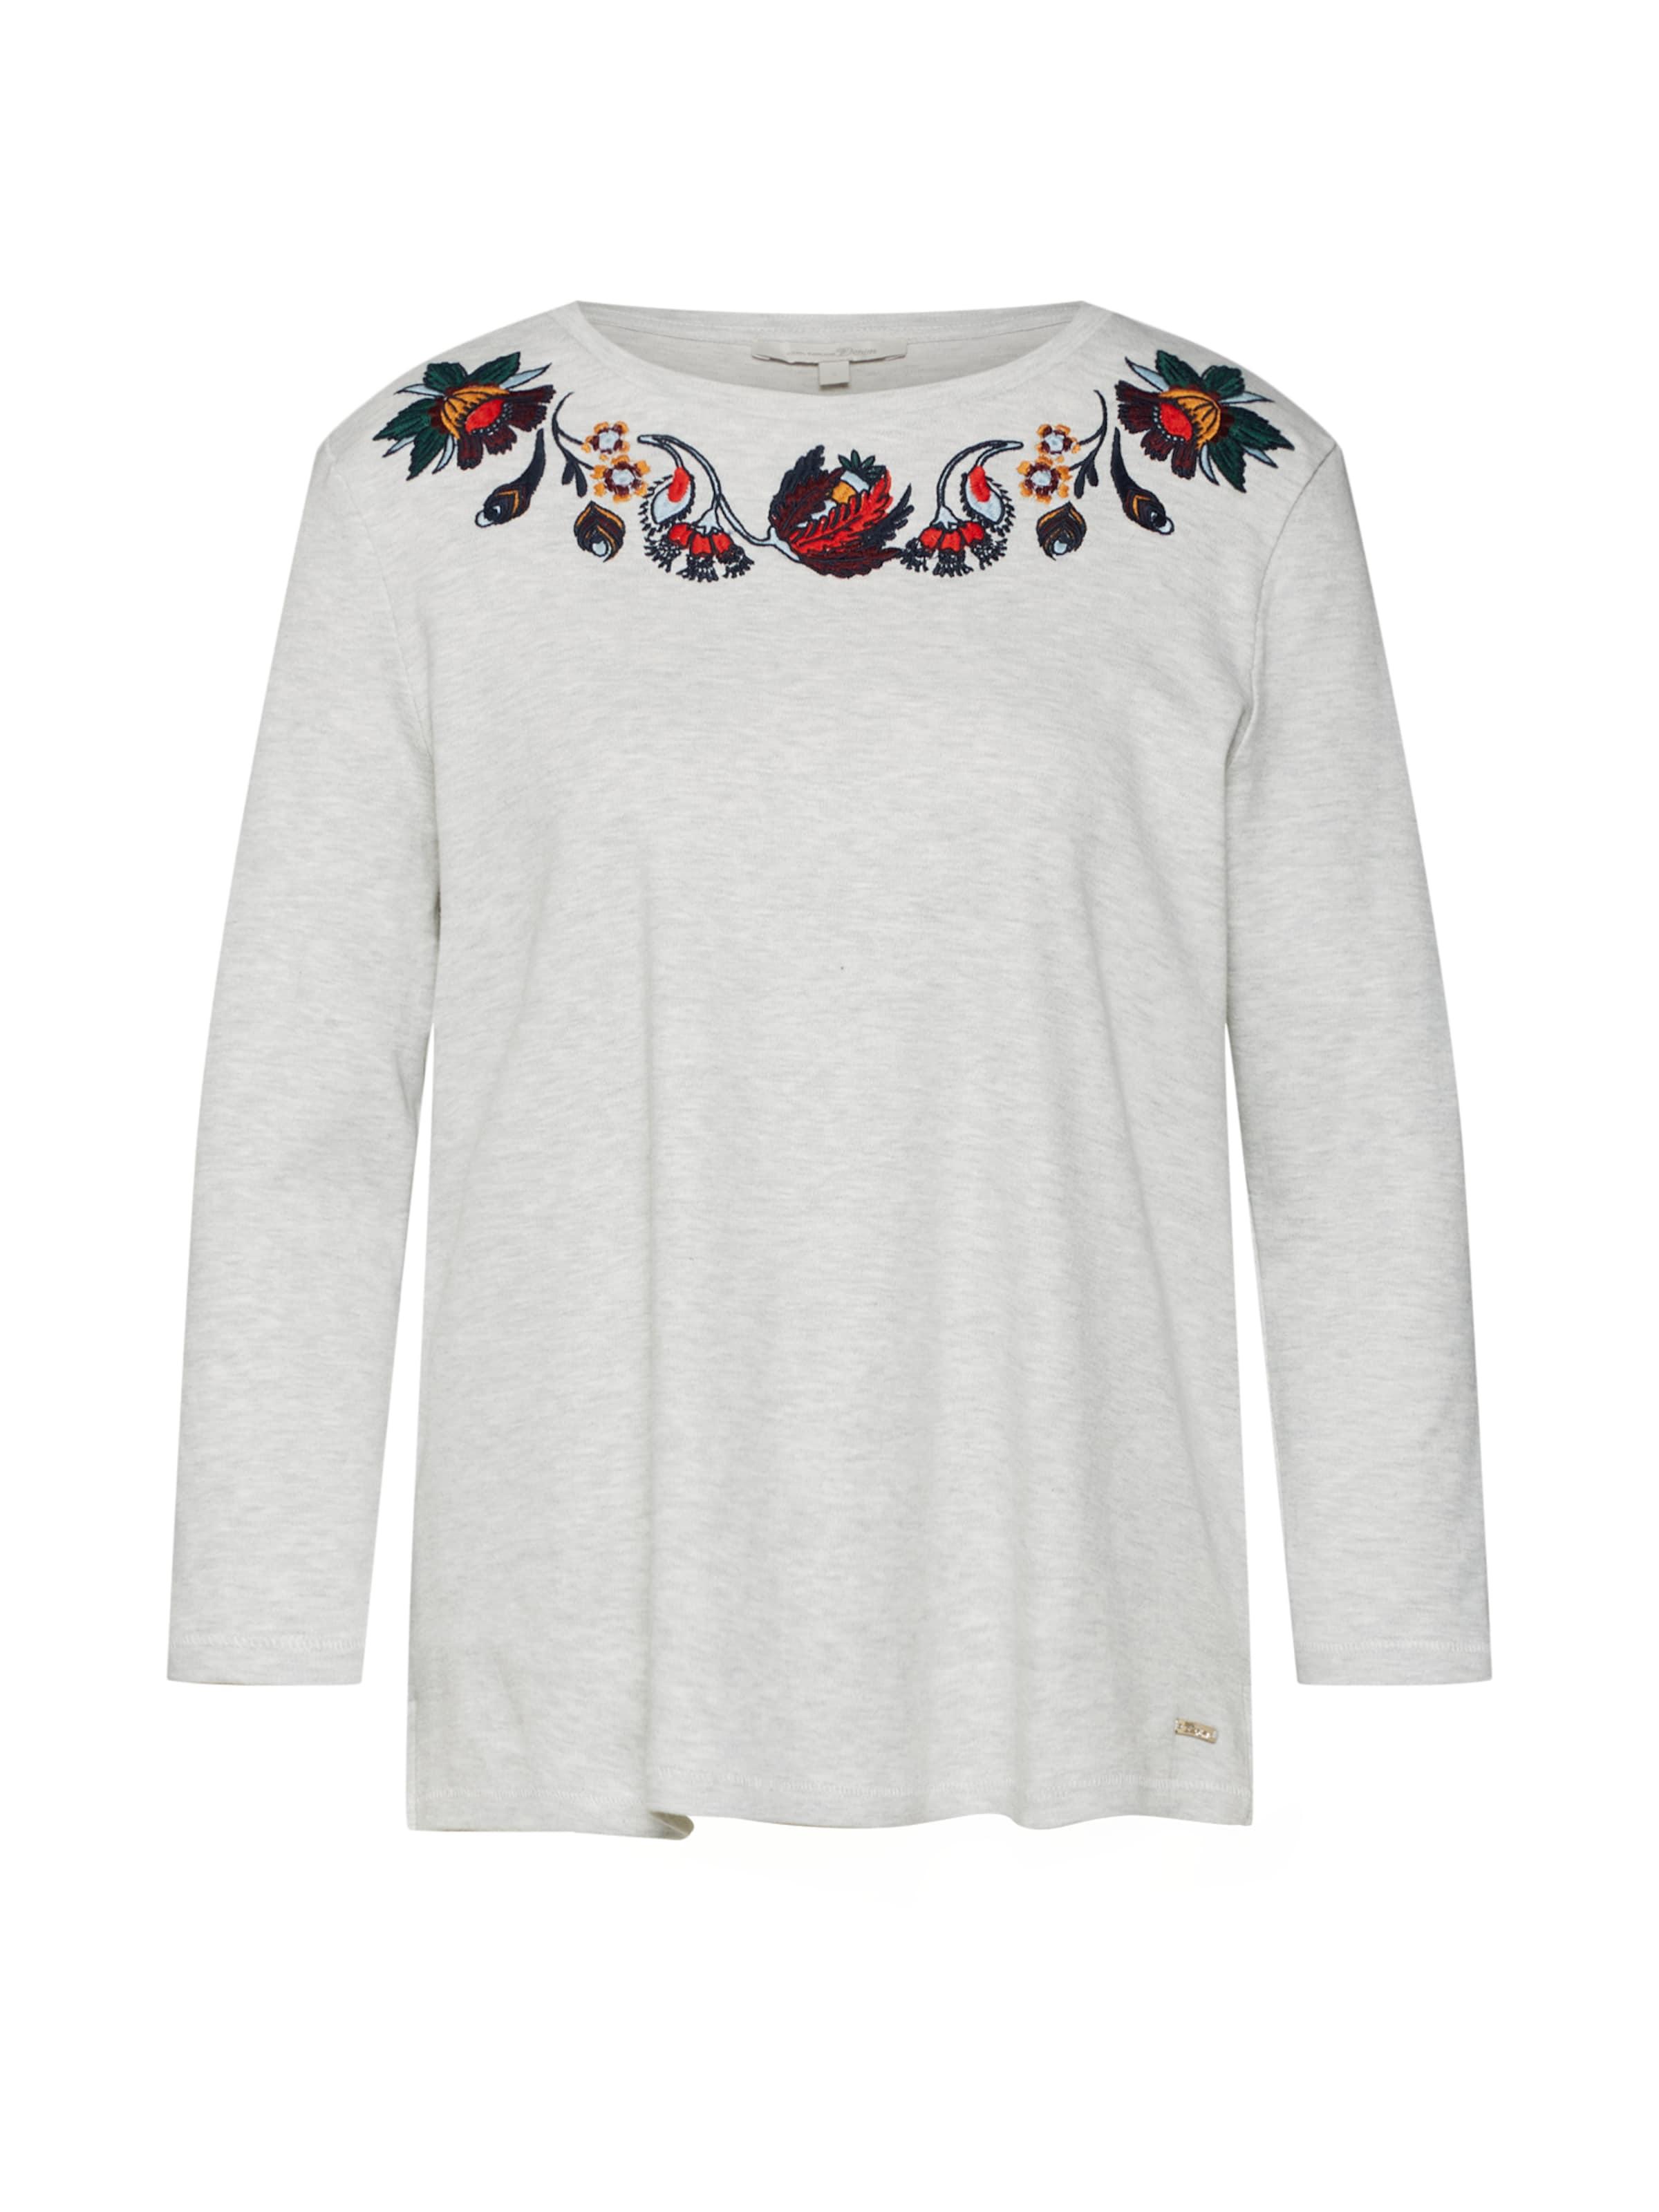 In HellgrauMischfarben Shirt Tailor 'flower Tom Embroidery' Denim pMGzVSqU